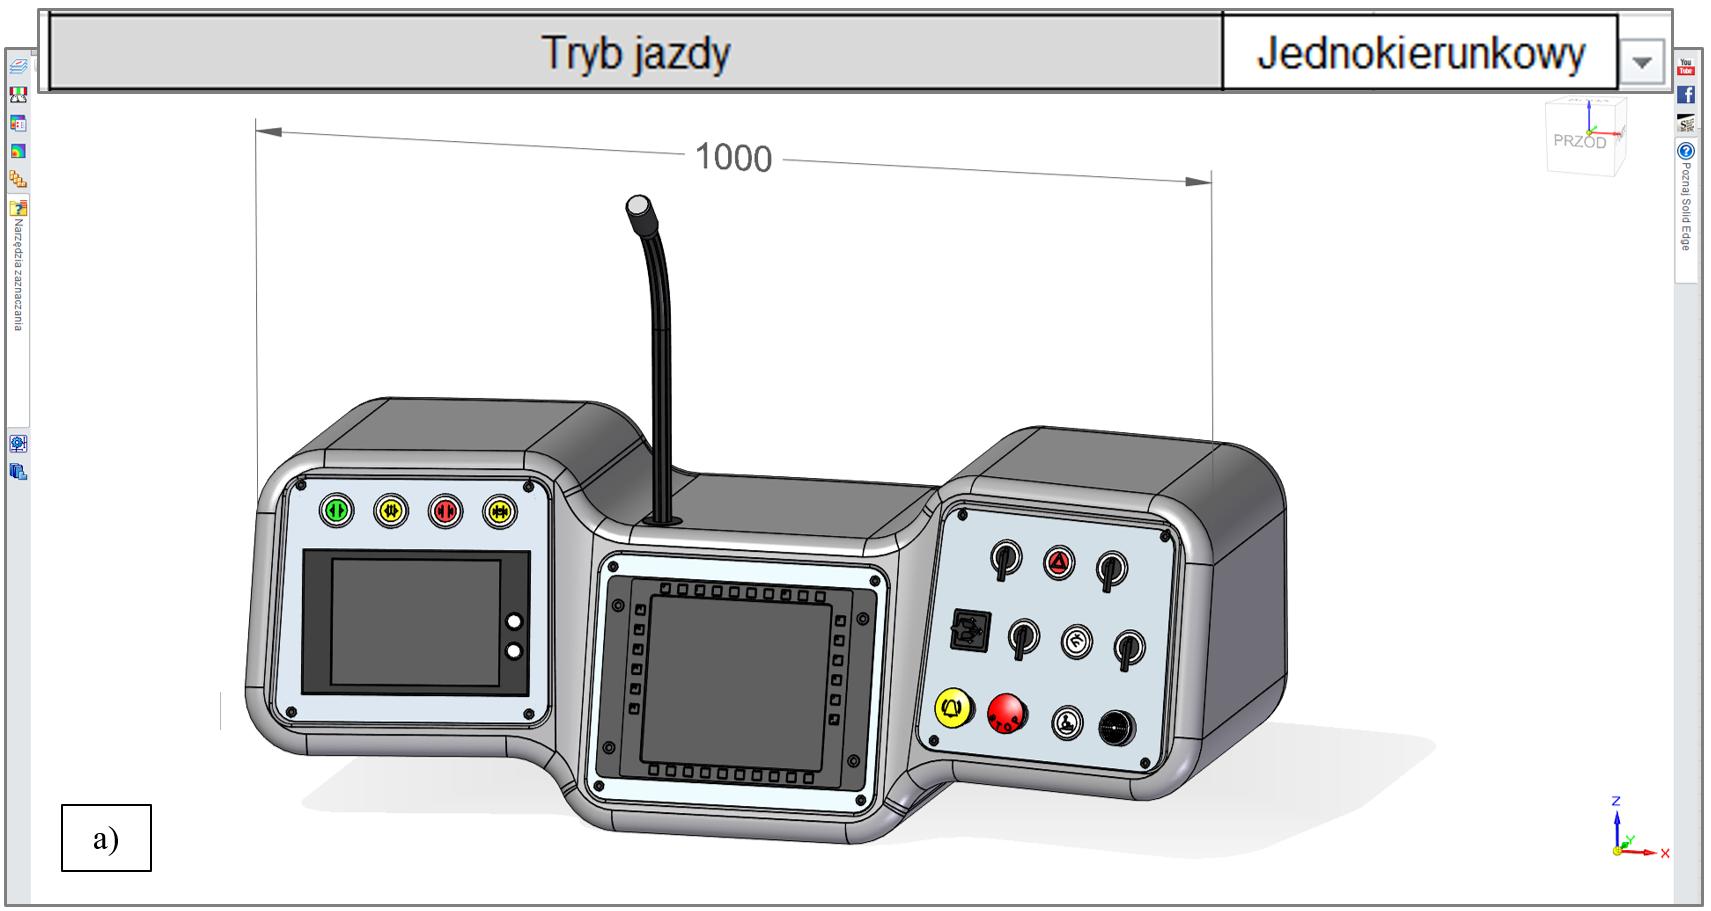 """Wartość wymiaru X modelu pulpitu, zależna od wybranego trybu jazdy tramwaju: a) 1000 mm dla """"Jednokierunkowy"""""""